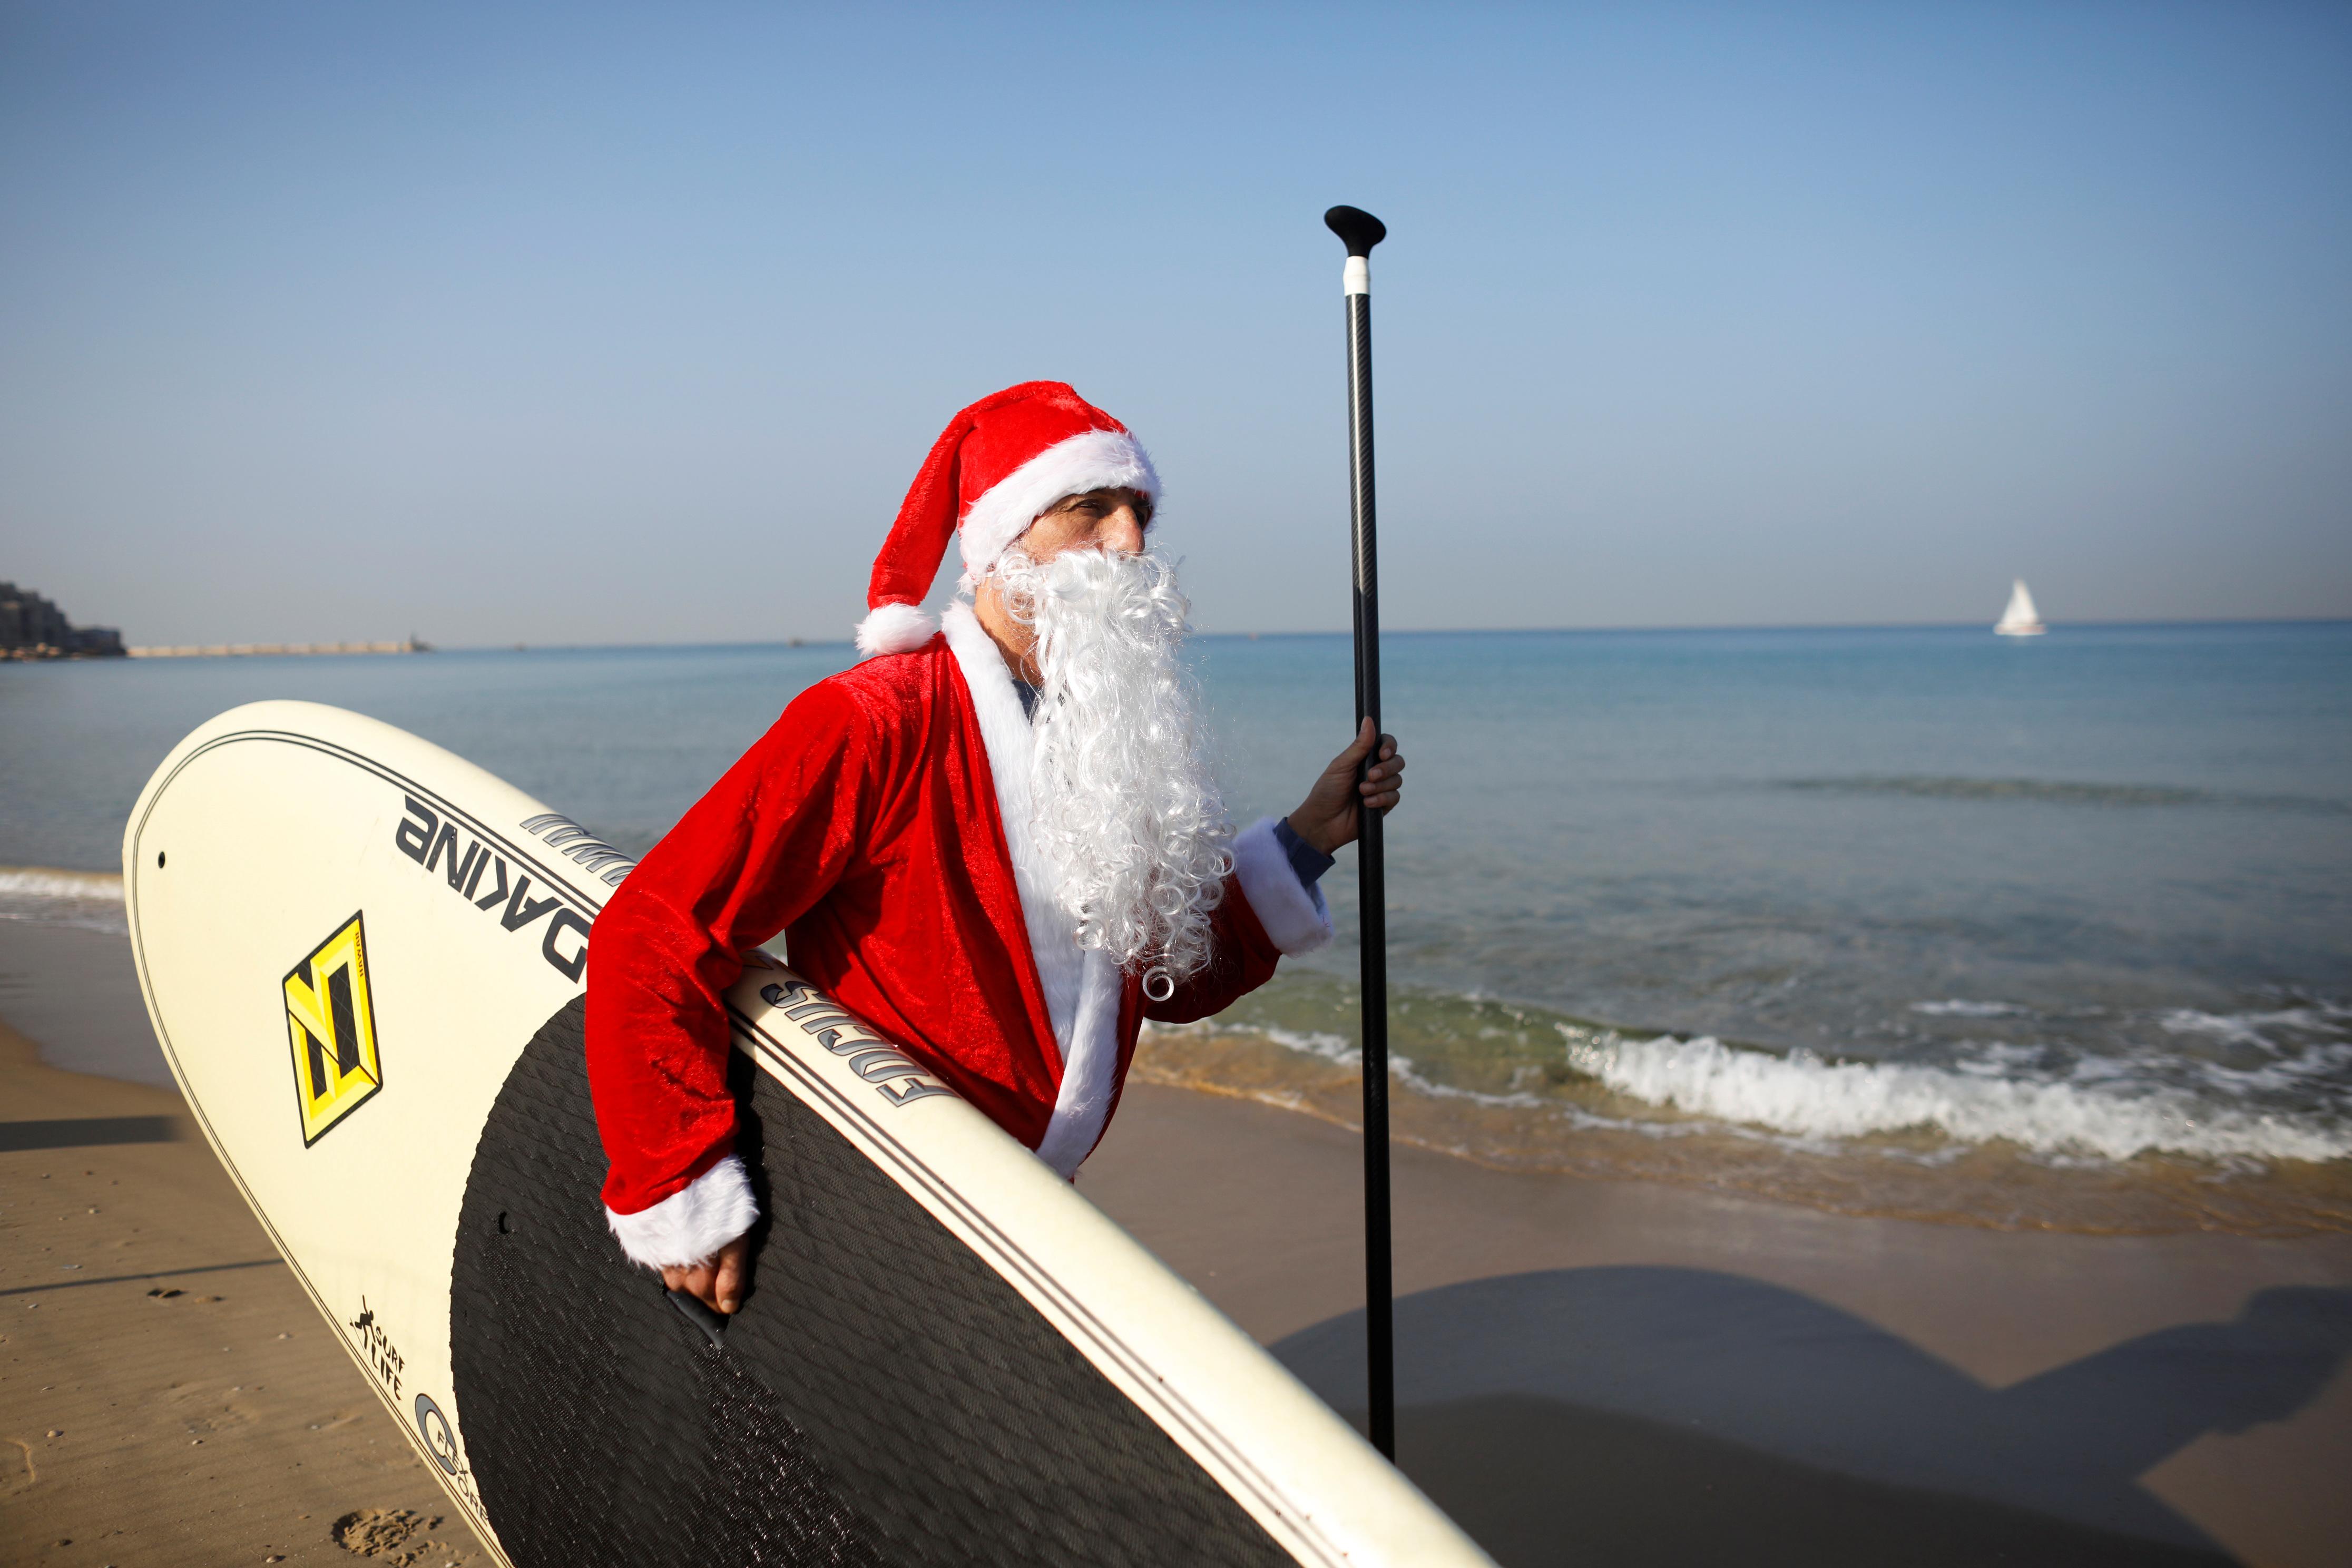 Un hombre vestido con un traje de Santa Claus lleva una tabla de SUP mientras camina por la playa cerca del mar Mediterráneo durante un evento organizado por el municipio de Tel Aviv, frente a la costa de Tel Aviv, Israel, el 22 de diciembre de 2019 (Reuters/ Nir Elias)